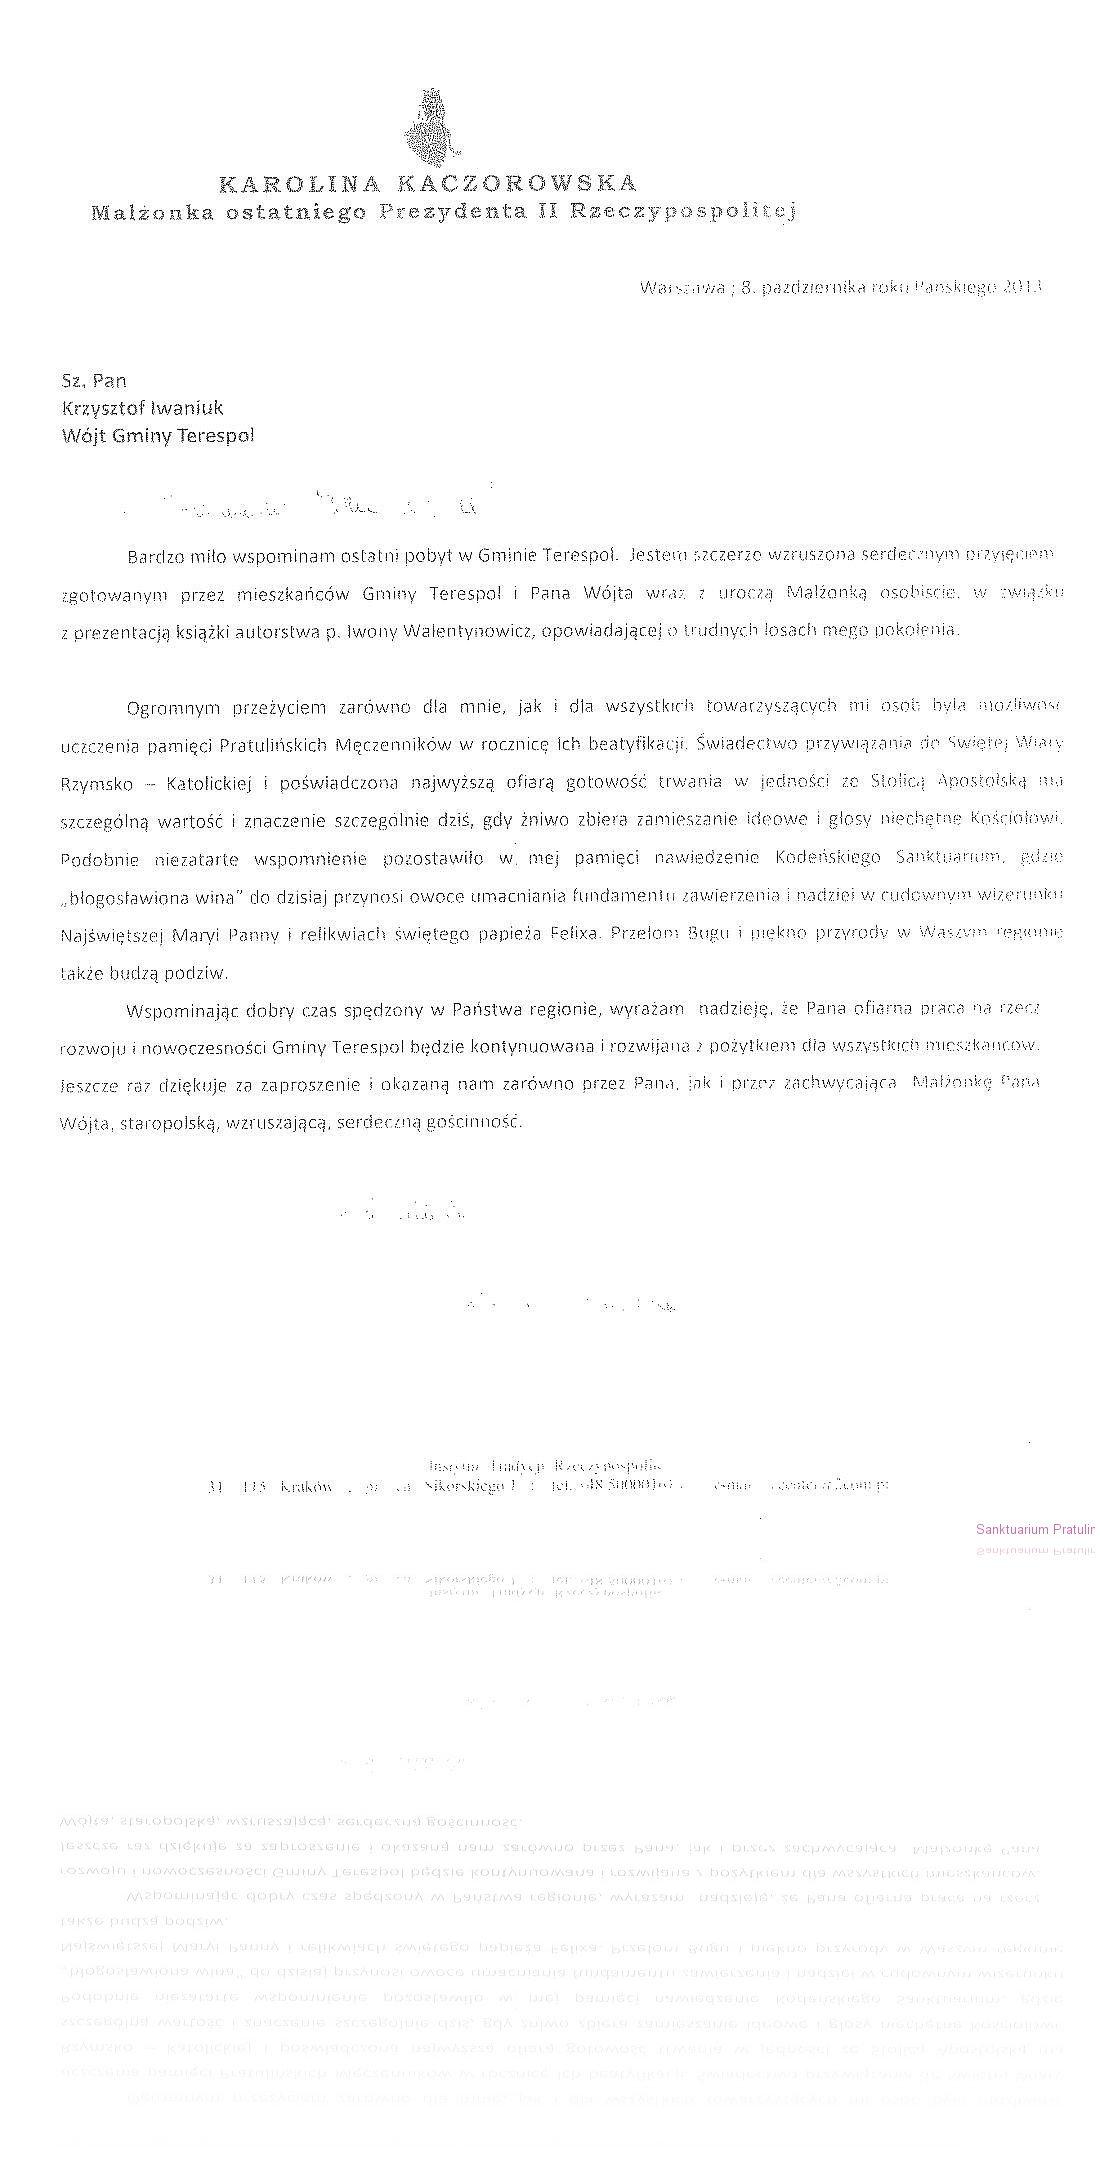 listkaczorowskiej